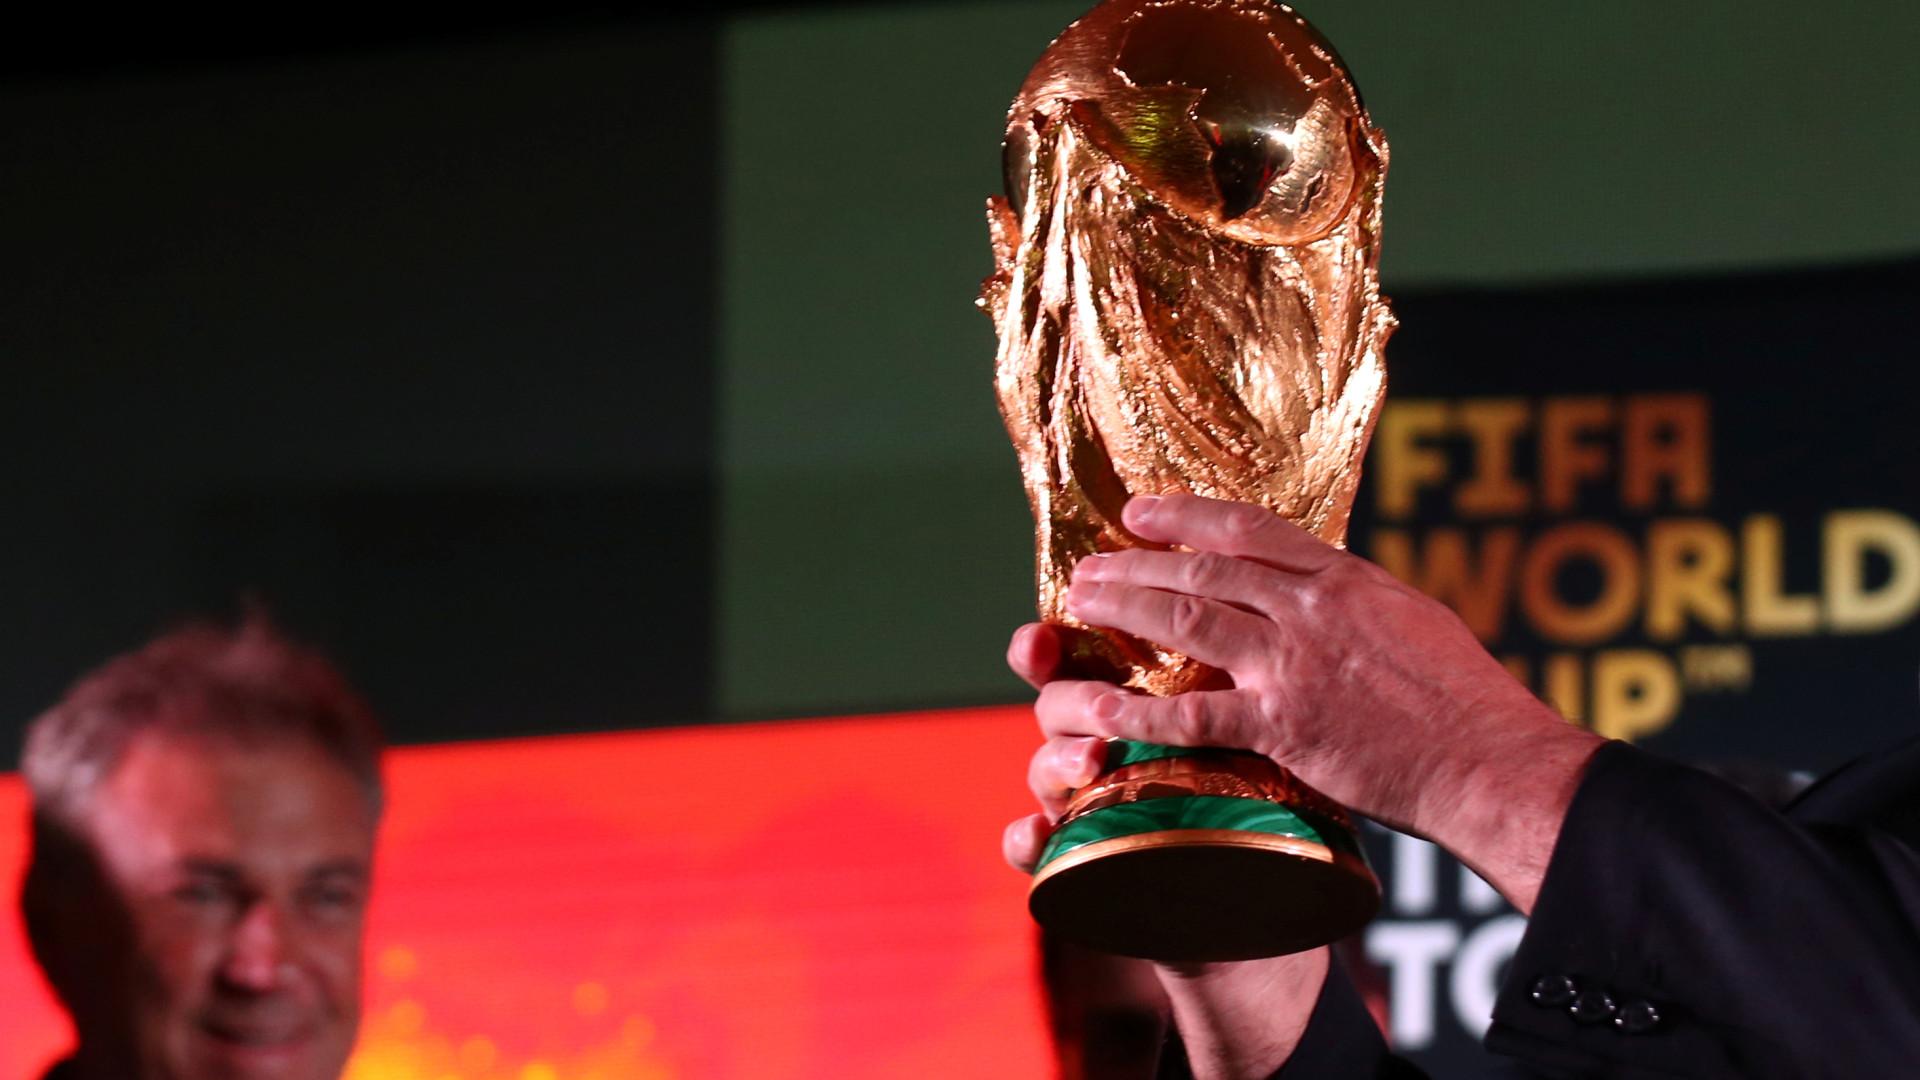 Réplicas do troféu do Mundial repletas de cocaína e marijuana